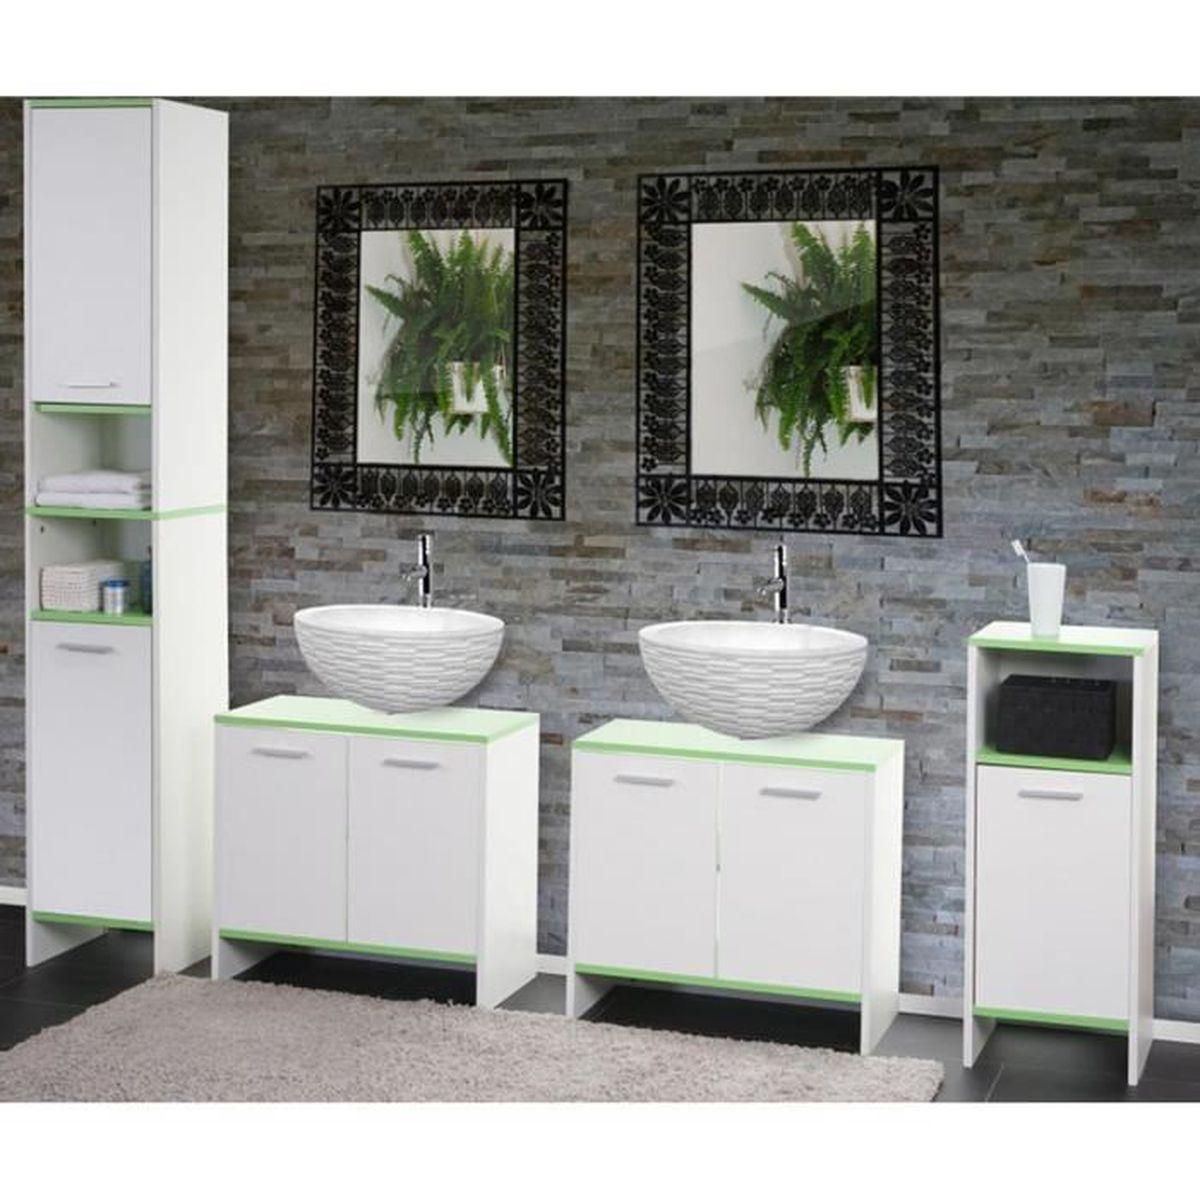 Ensemble de salle de bain en bois coloris vert et blanc ...